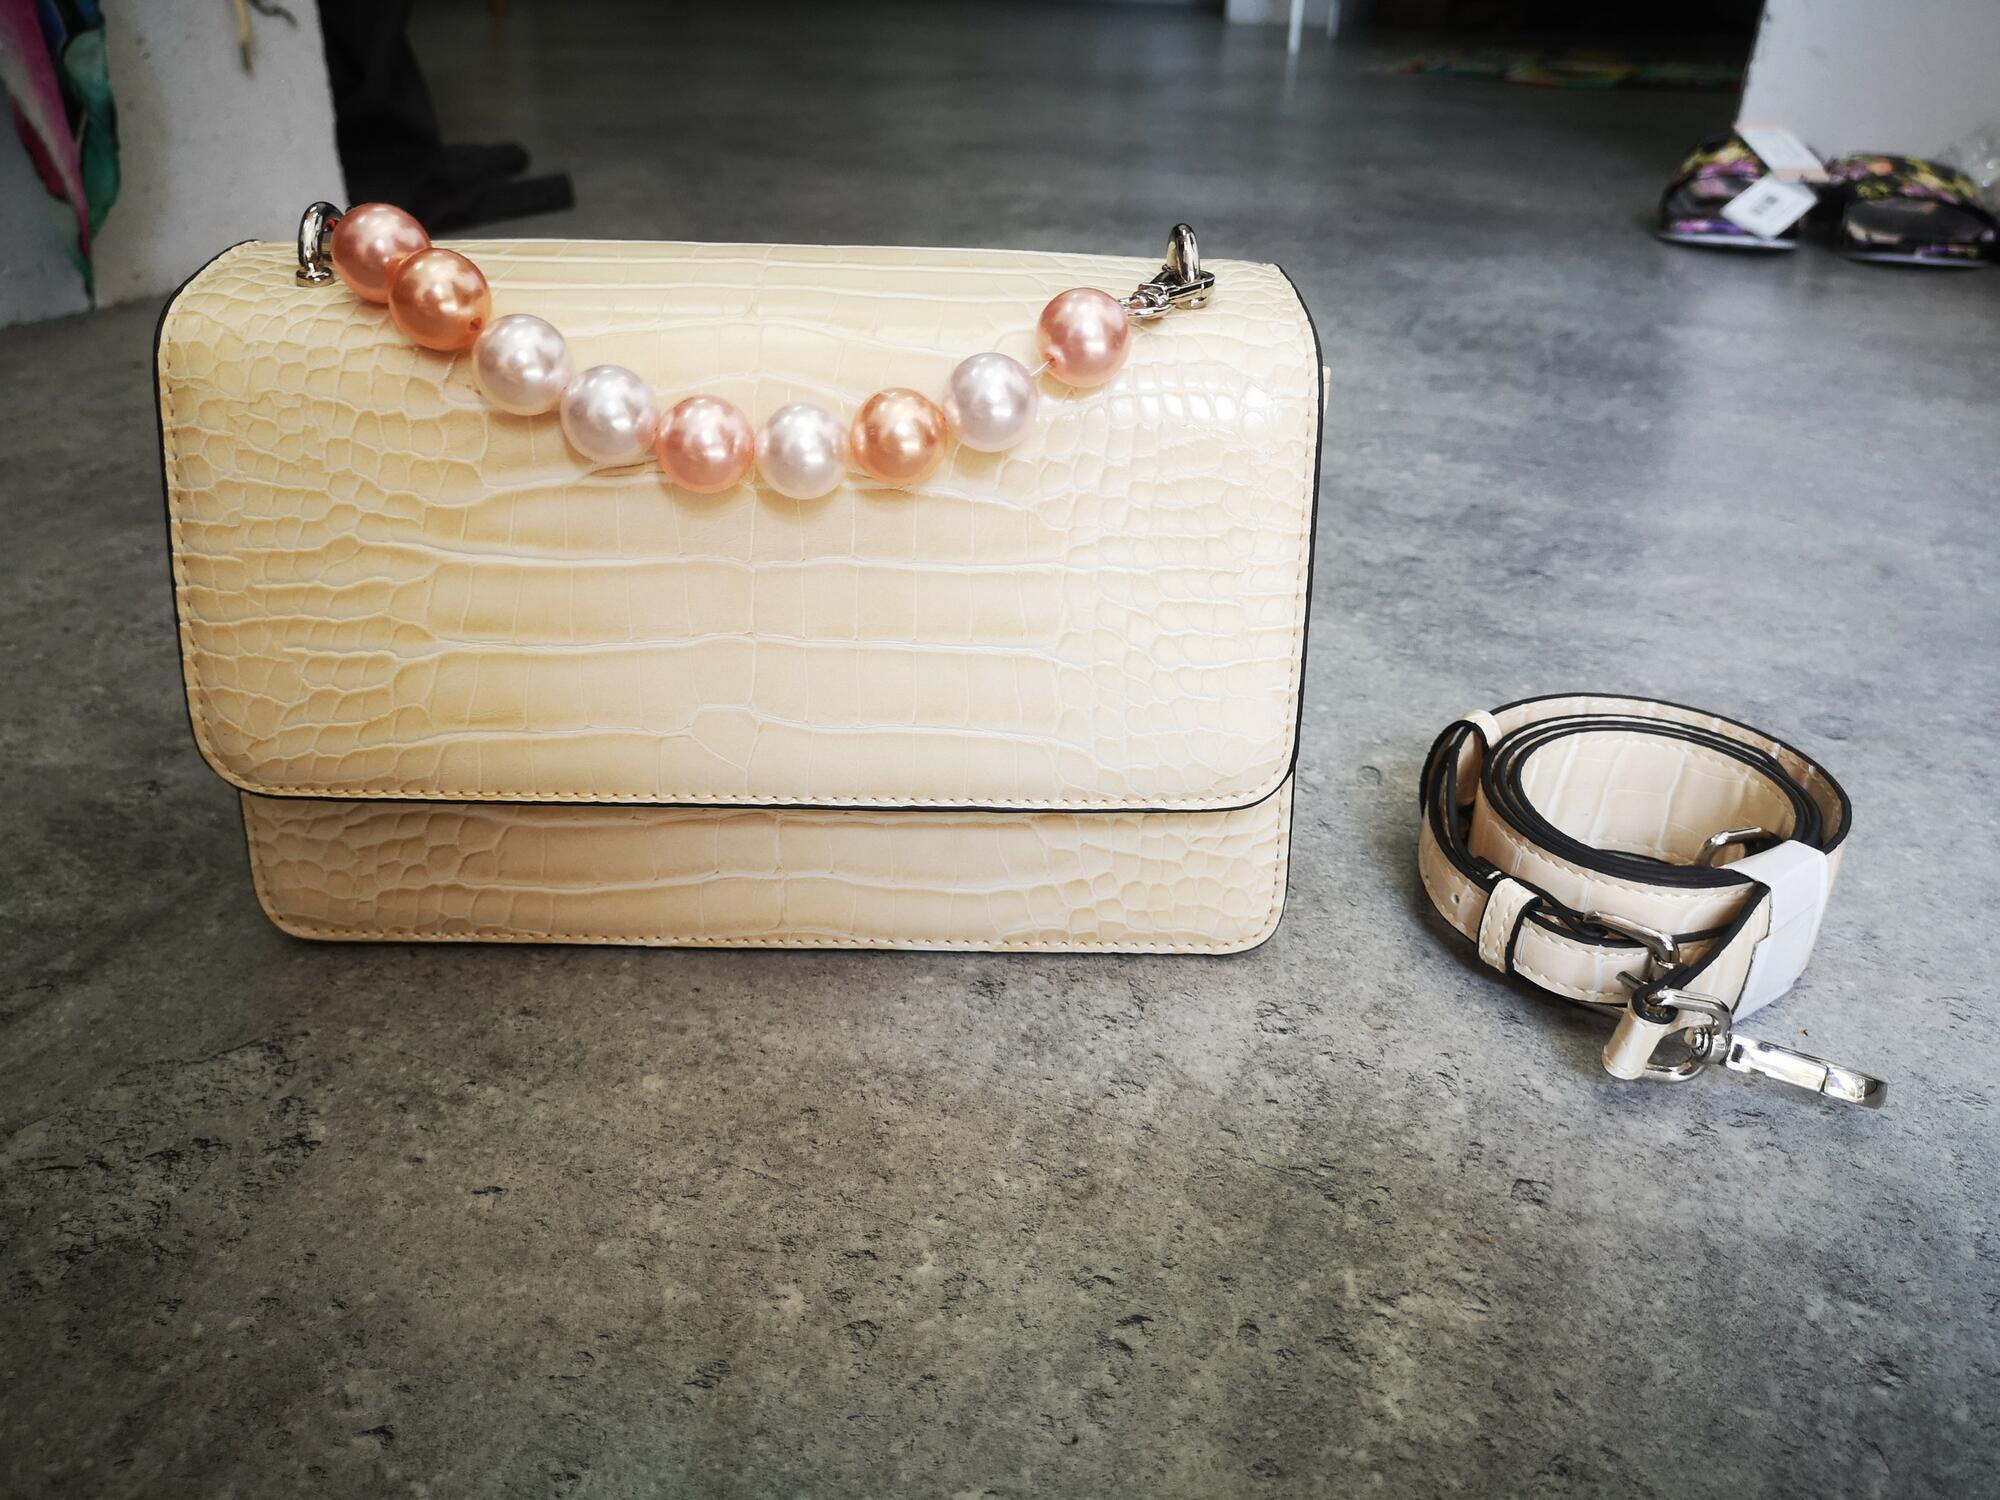 Bright Maya Bag chardonnay - Nie byle | JestemSlow.pl